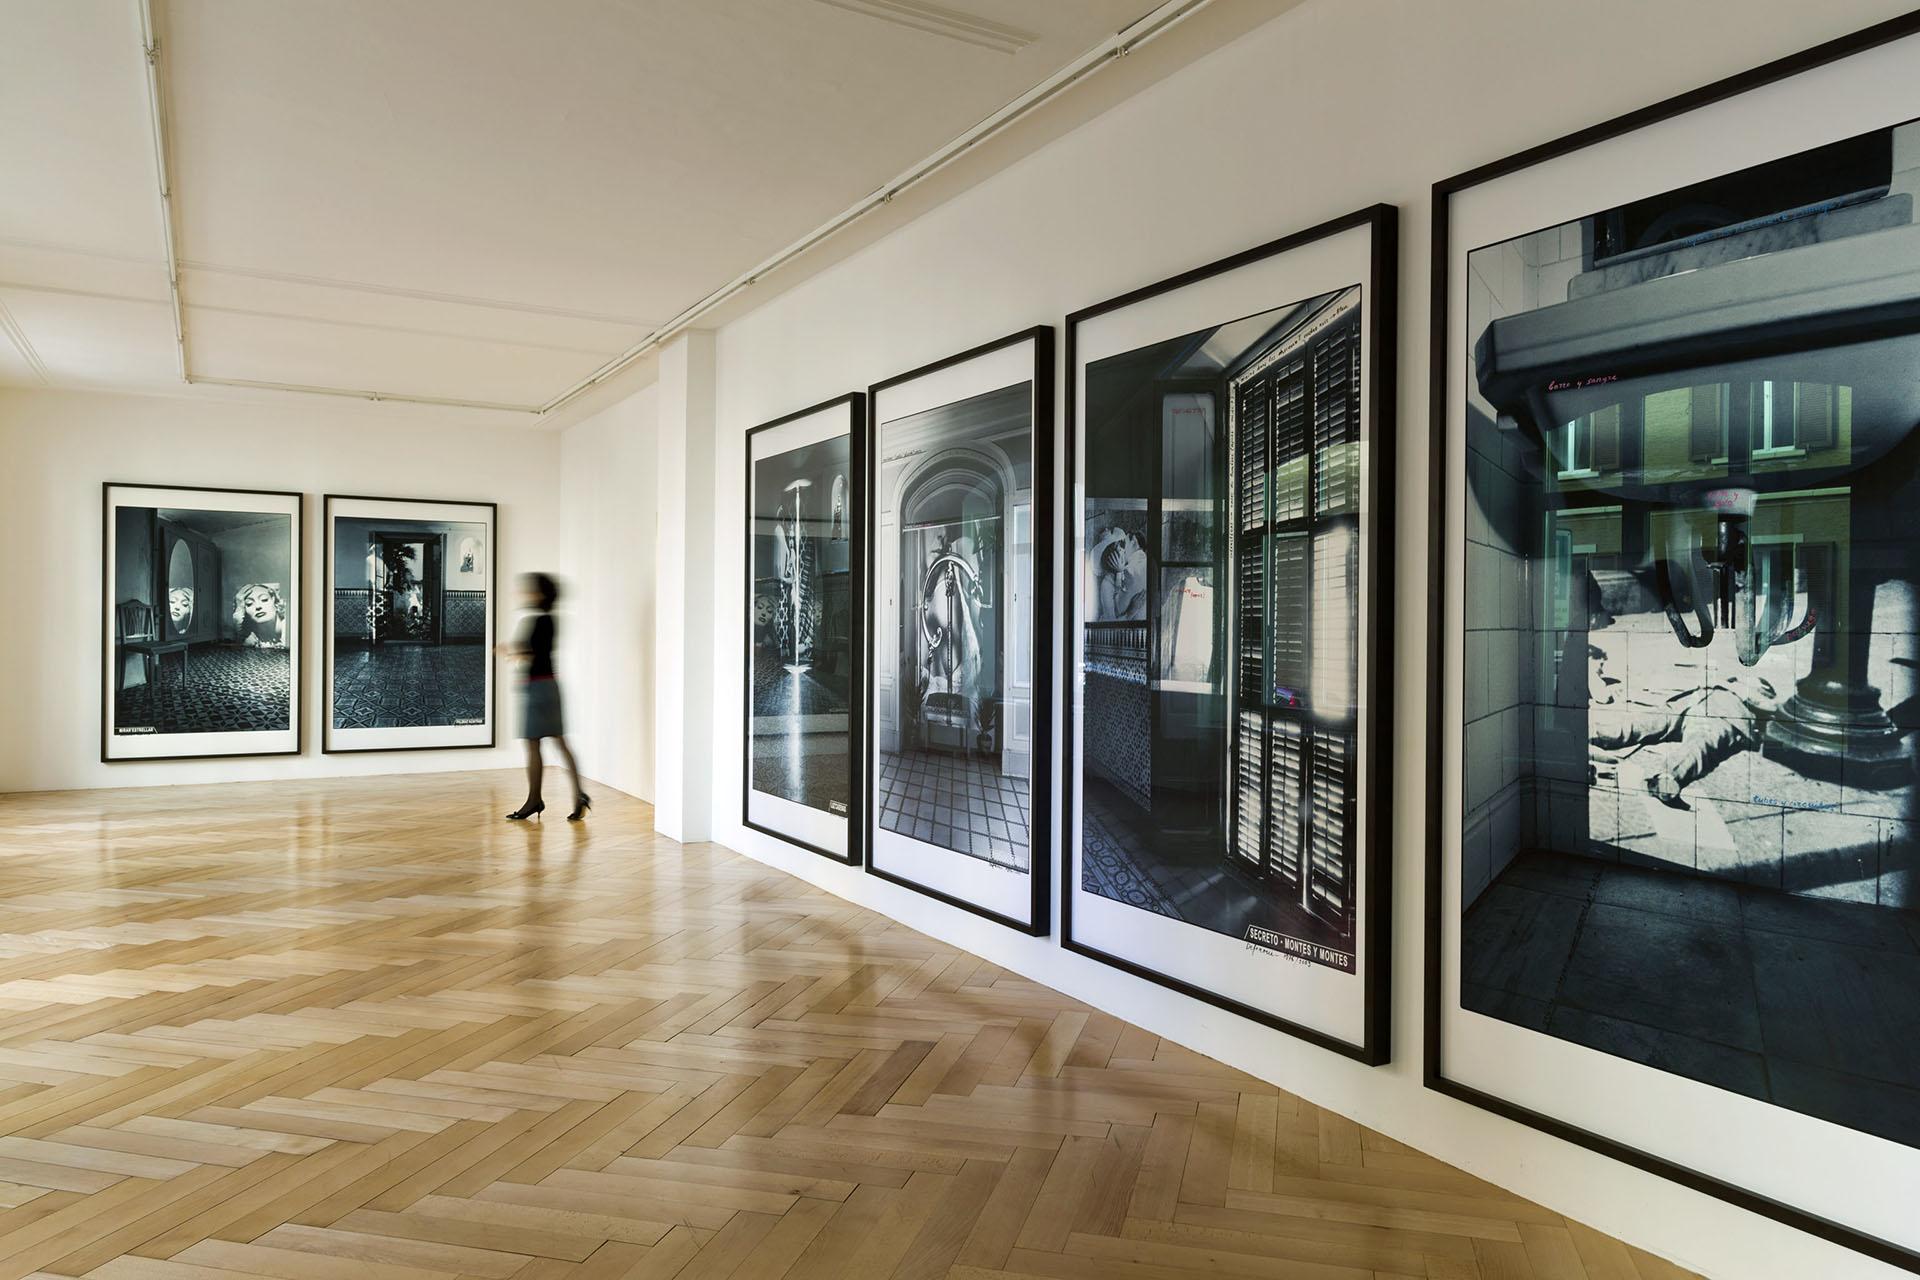 © Galerie Susanna Kulli / Defraoui